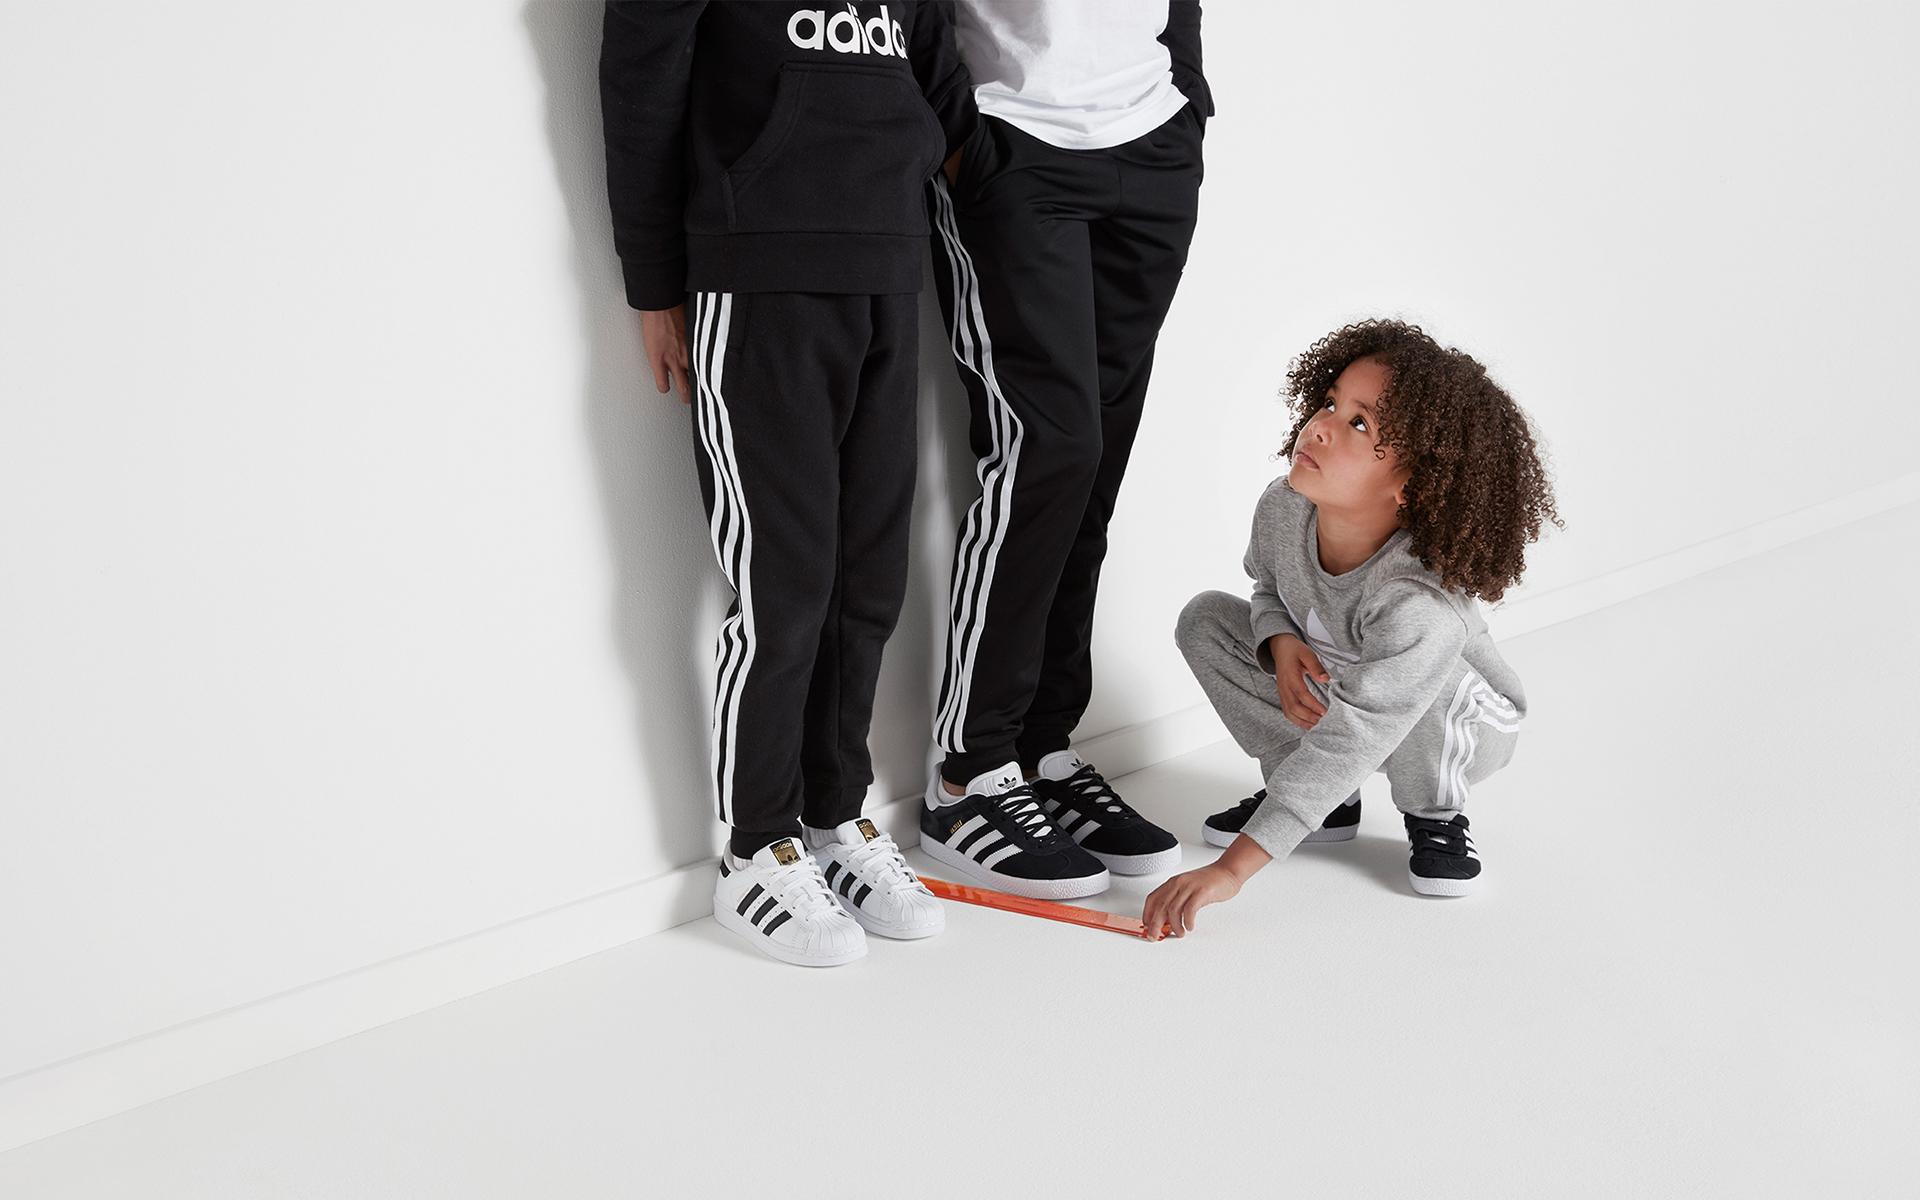 181011-adidas-kids_05_Measuring1